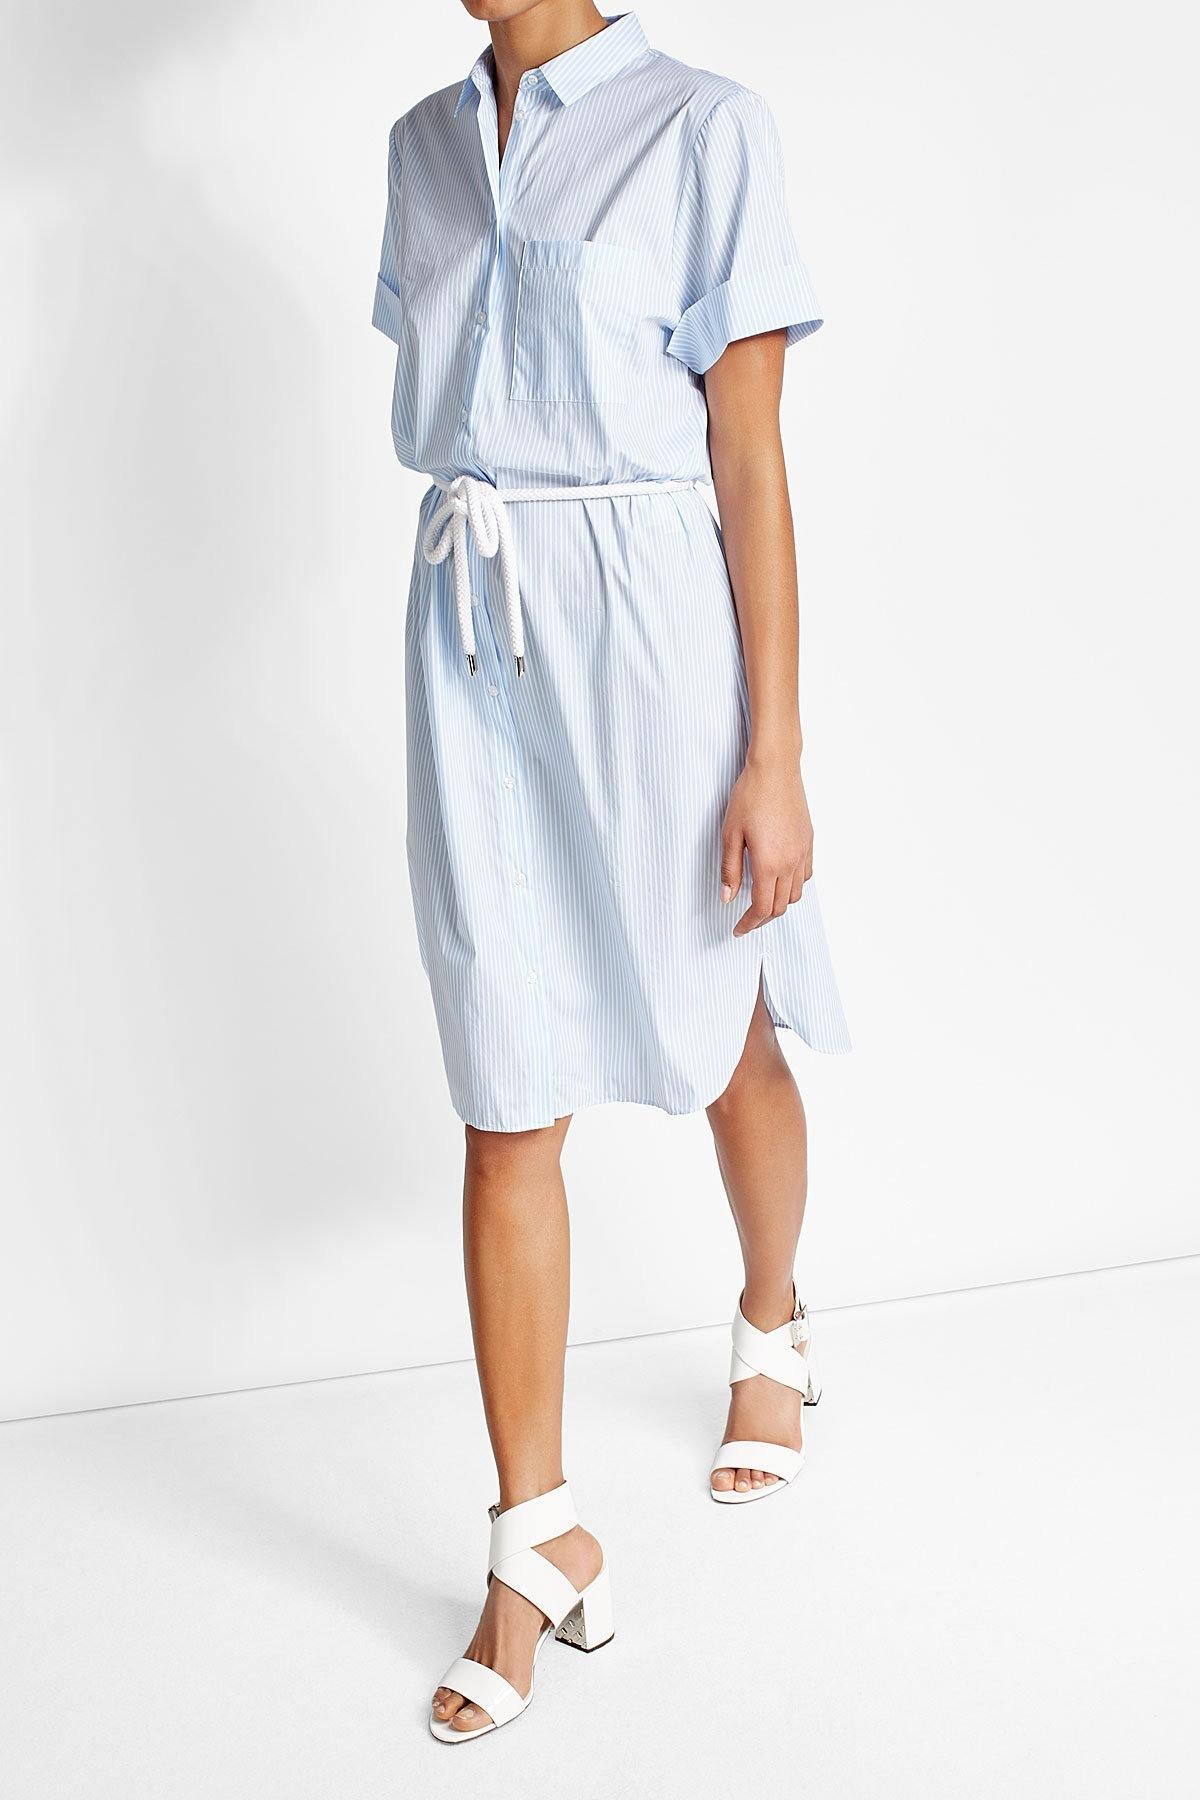 Formal Schön Hemdblusenkleider Für Ältere Damen DesignAbend Ausgezeichnet Hemdblusenkleider Für Ältere Damen Boutique